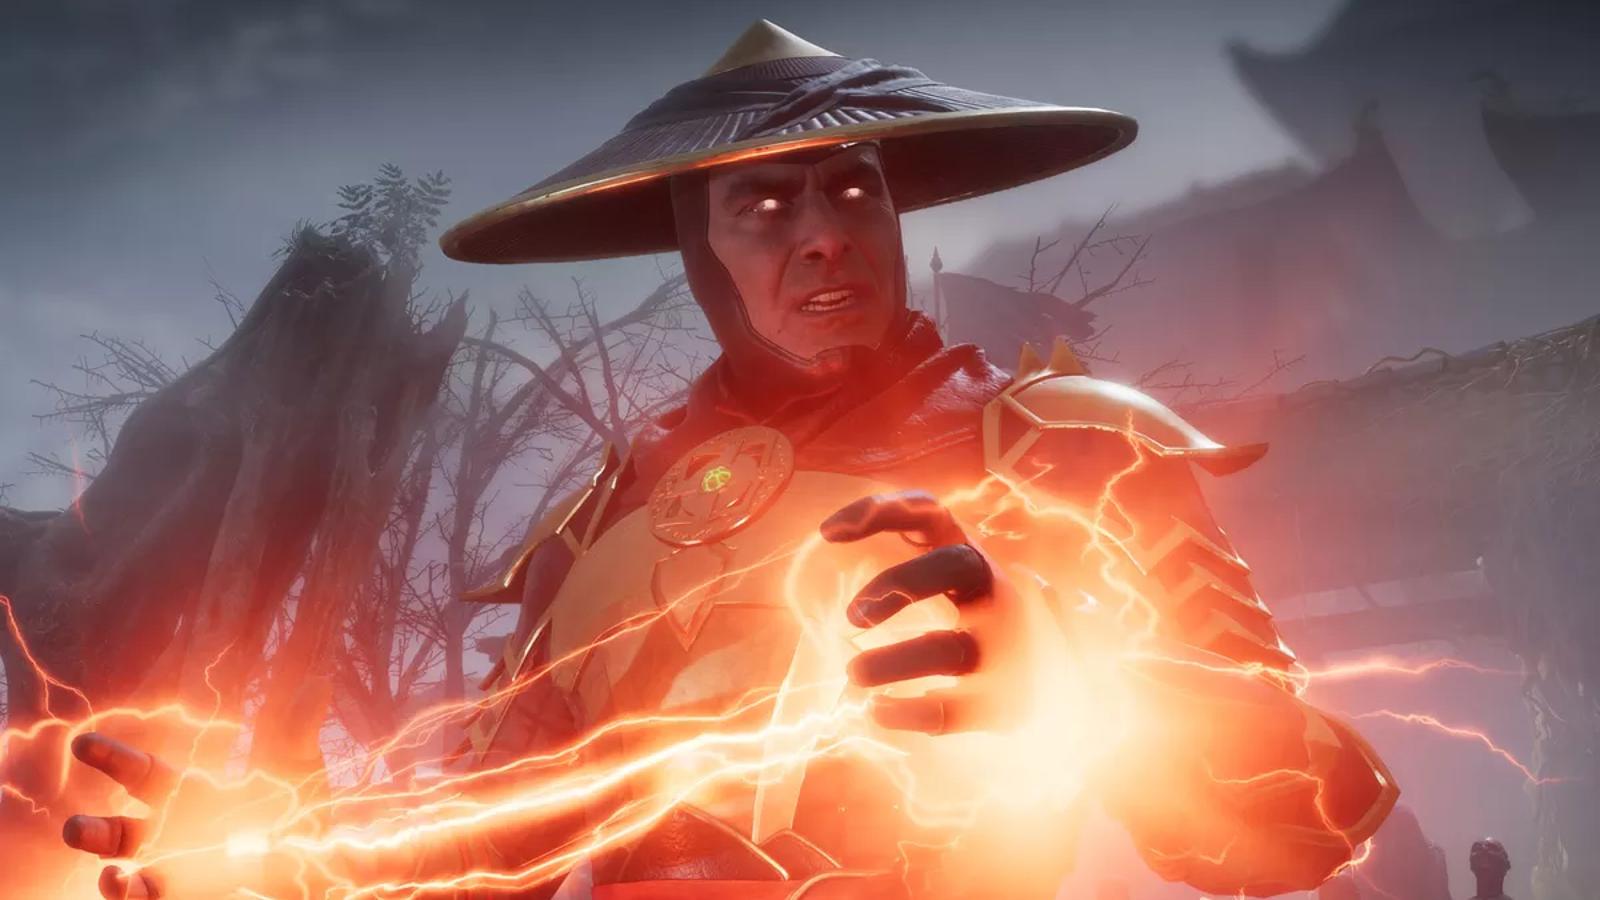 Mortal Kombat Has Cast More of Its Lead Roles